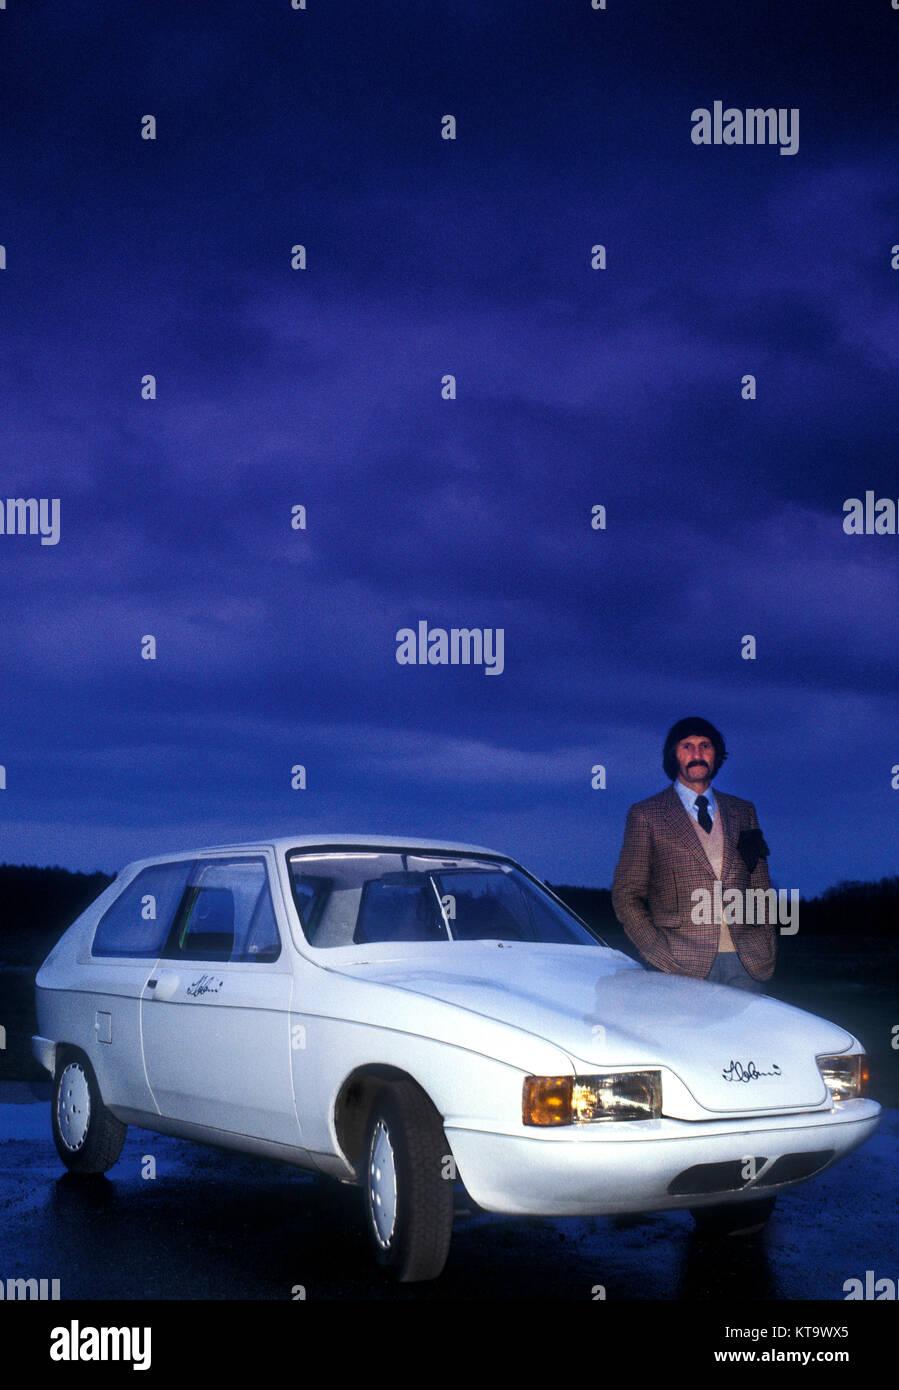 Luigi Colani con concepto de diseño VW Polo coche Alemania 1978 Imagen De Stock